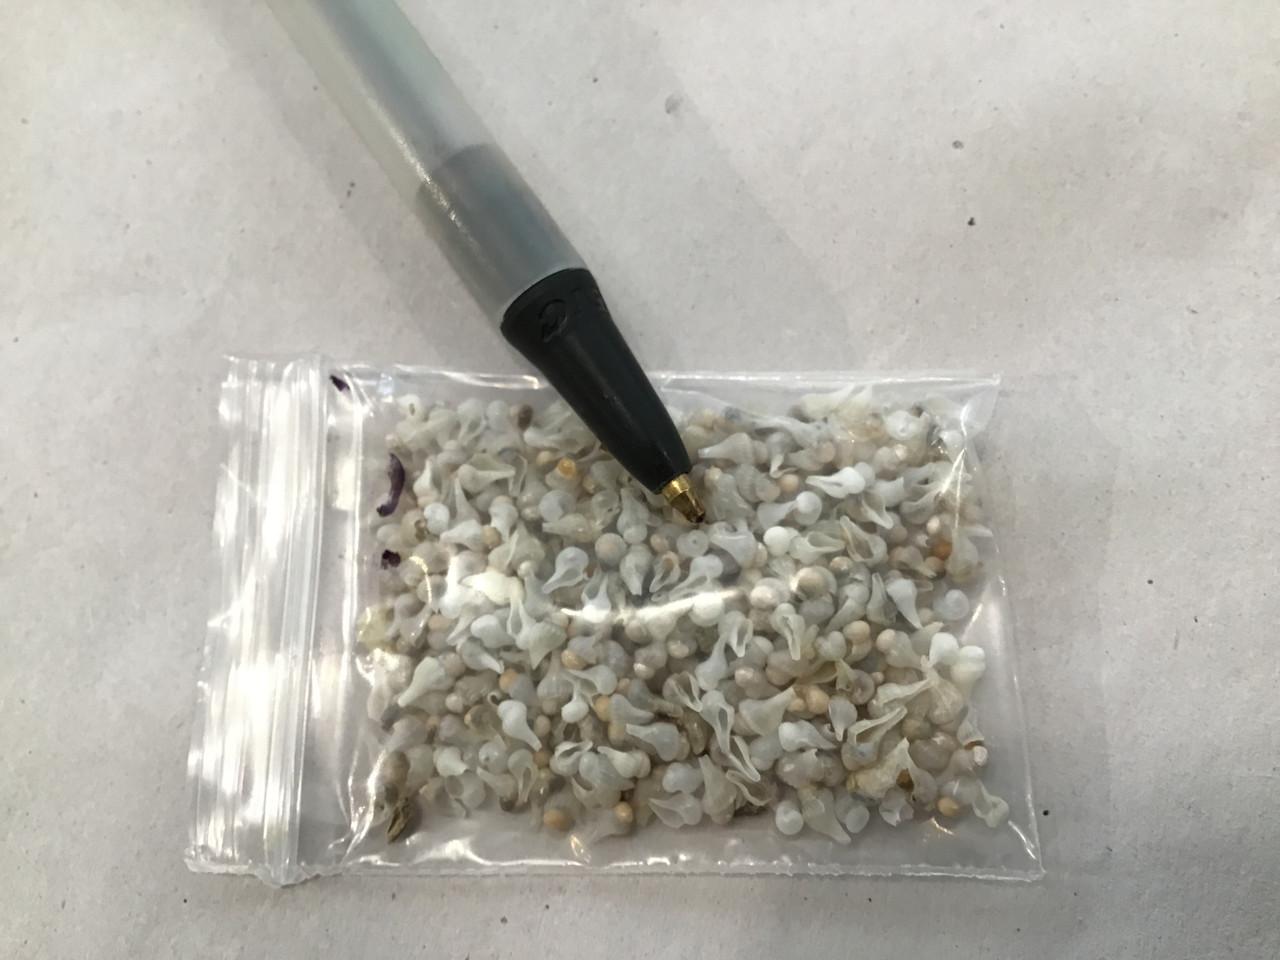 Tiny immature white whelk shells